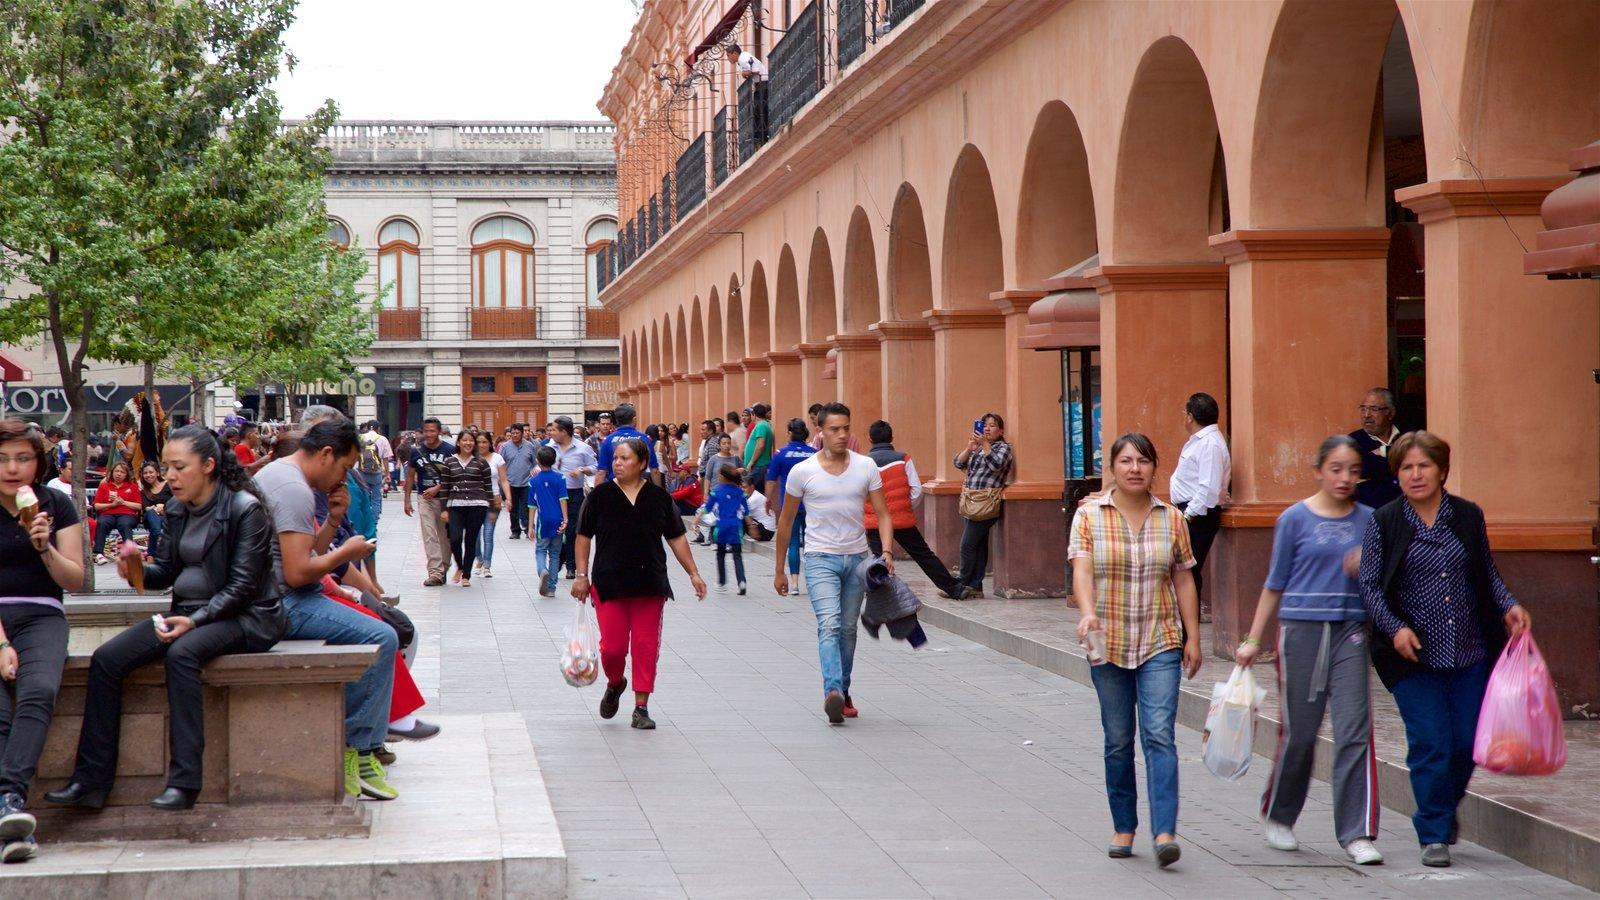 Toluca mostrando un parque o plaza y también un pequeño grupo de personas